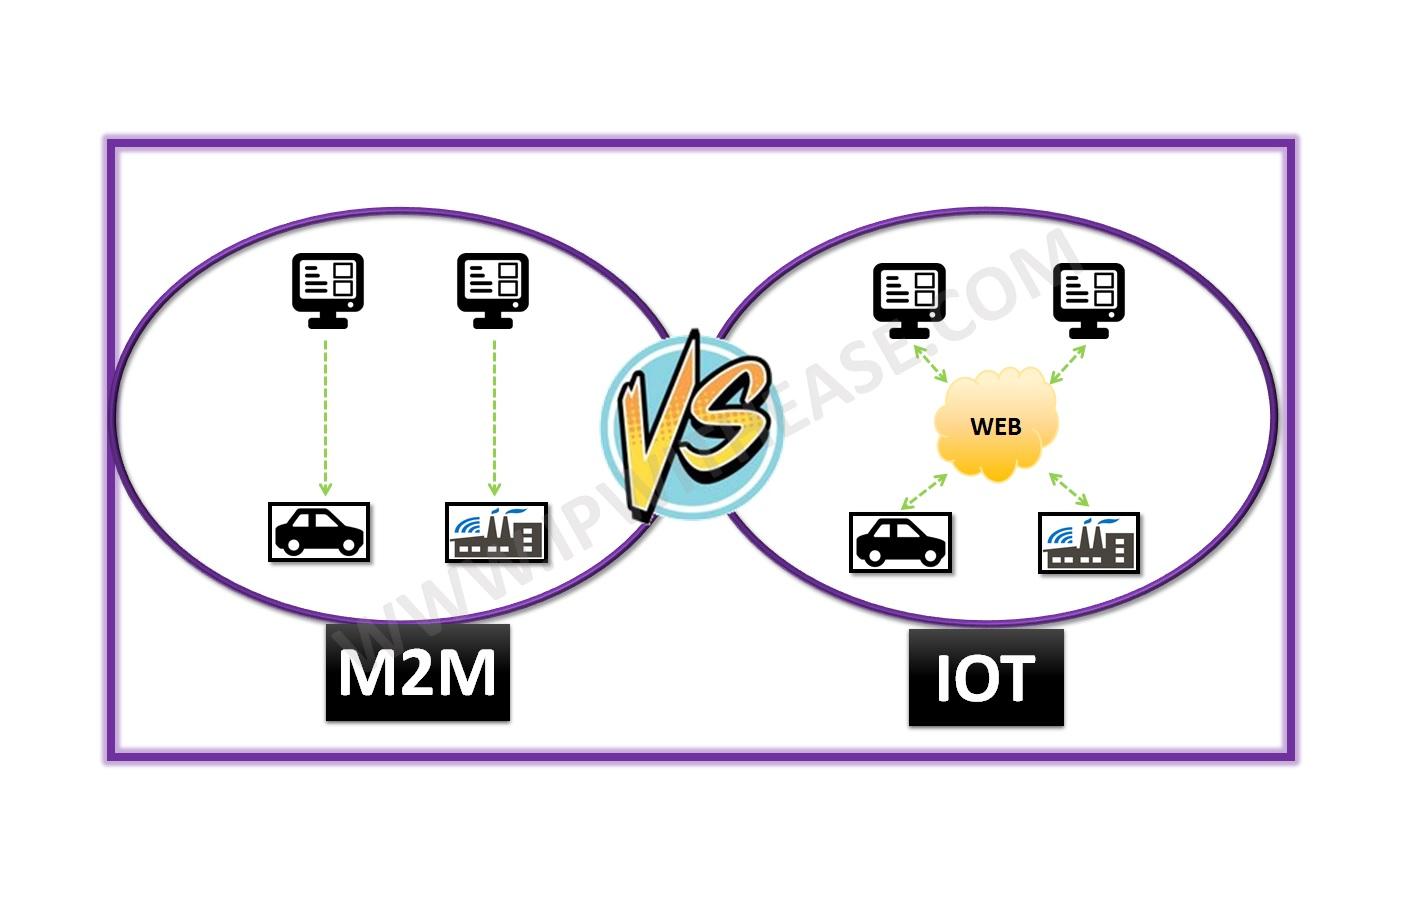 iot vs m2m